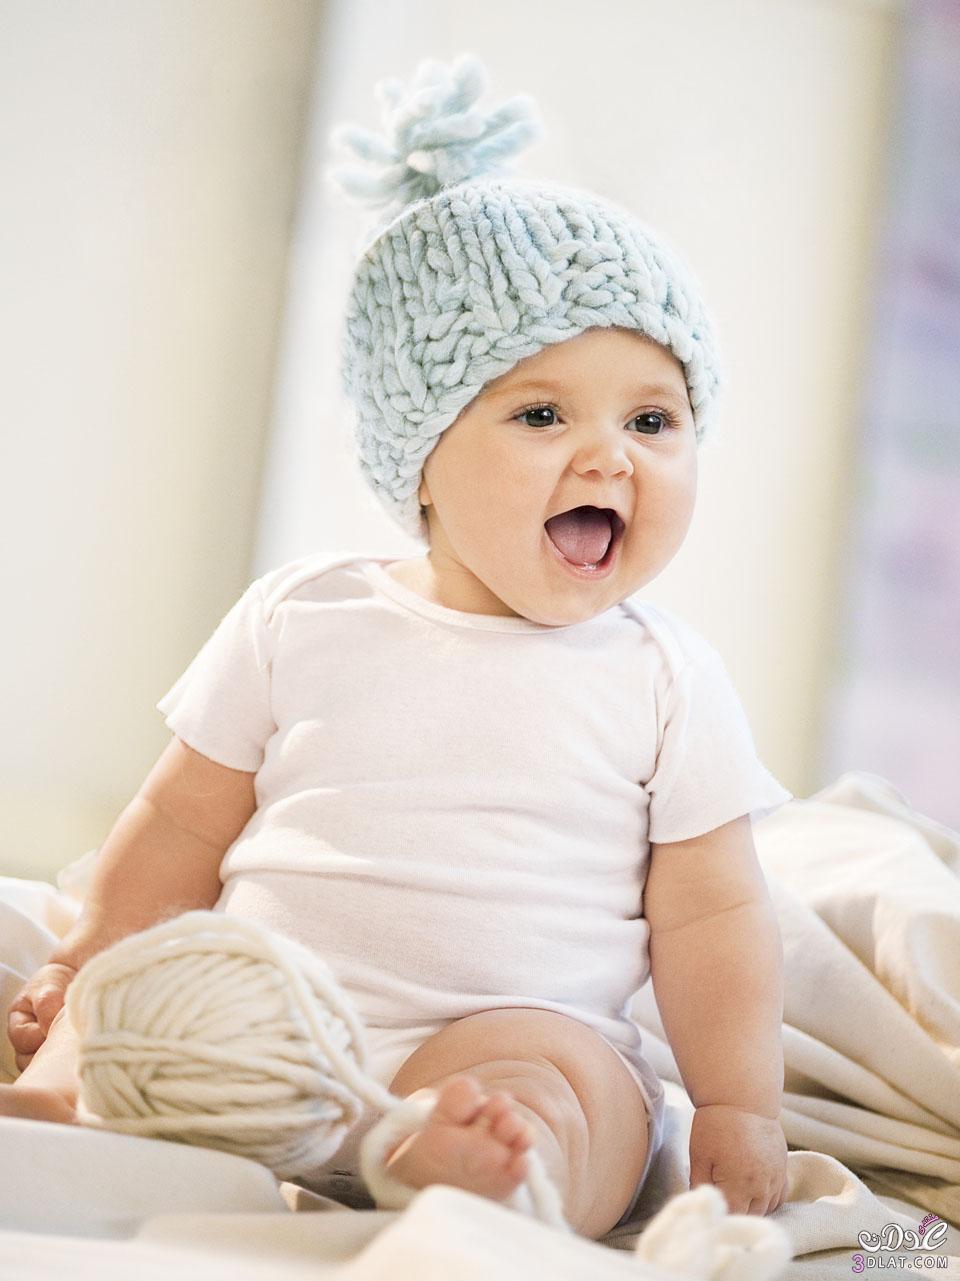 صور أطفال جميلة 2020 اجمل صور الاطفال صور بيبى جميلة ولاد وبنات صغار 29